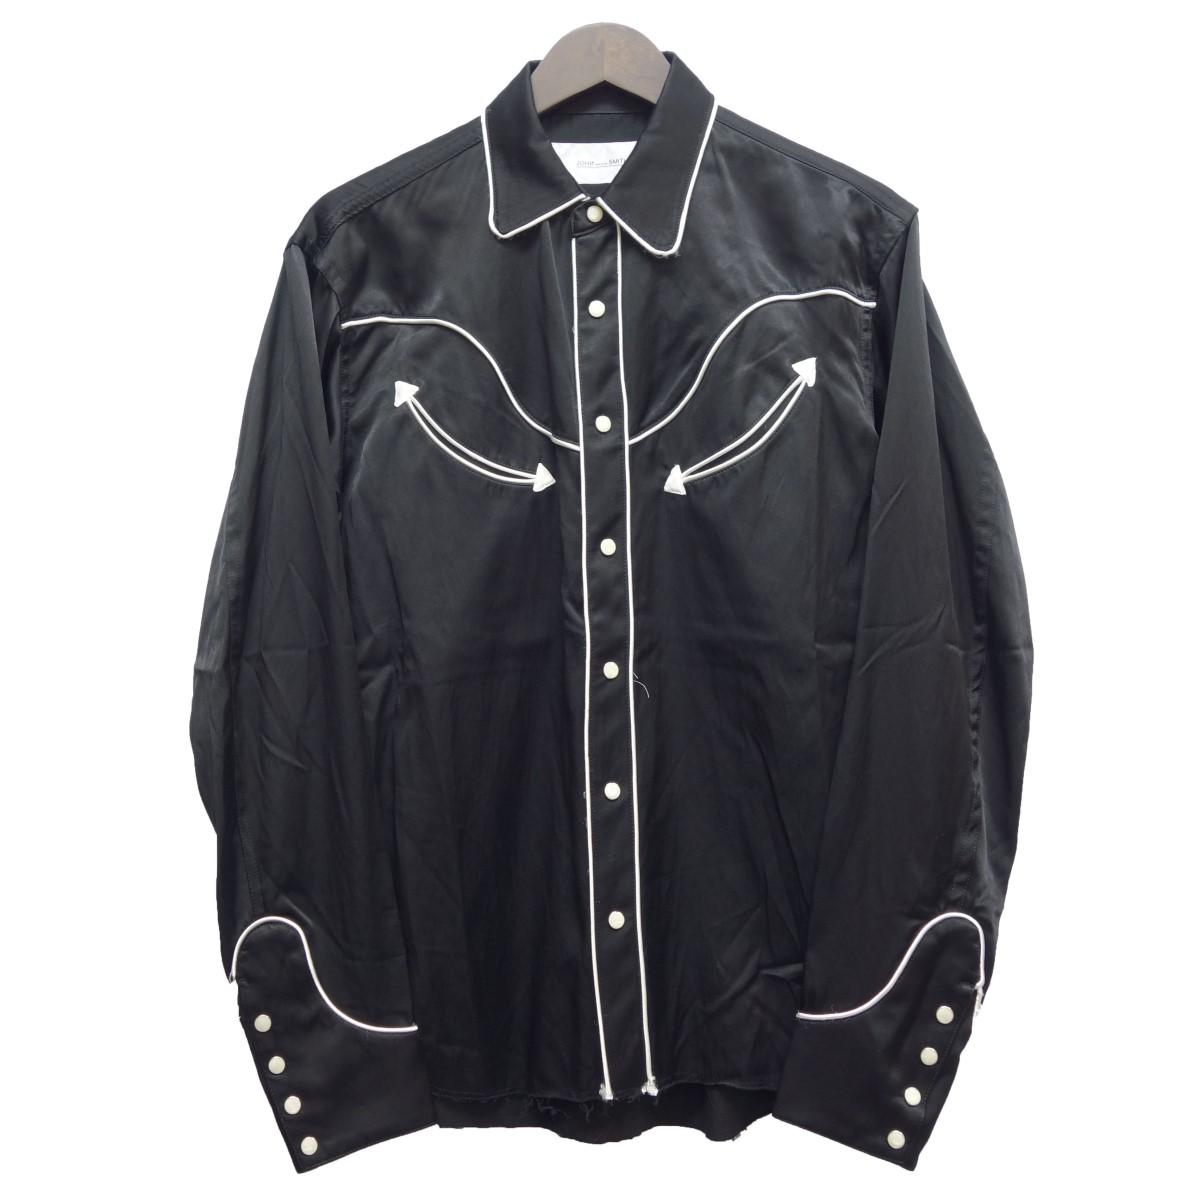 【中古】JOHN MASON SMITH ウエスタンシャツ ブラック サイズ:S 【160420】(ジョンメイソンスミス)